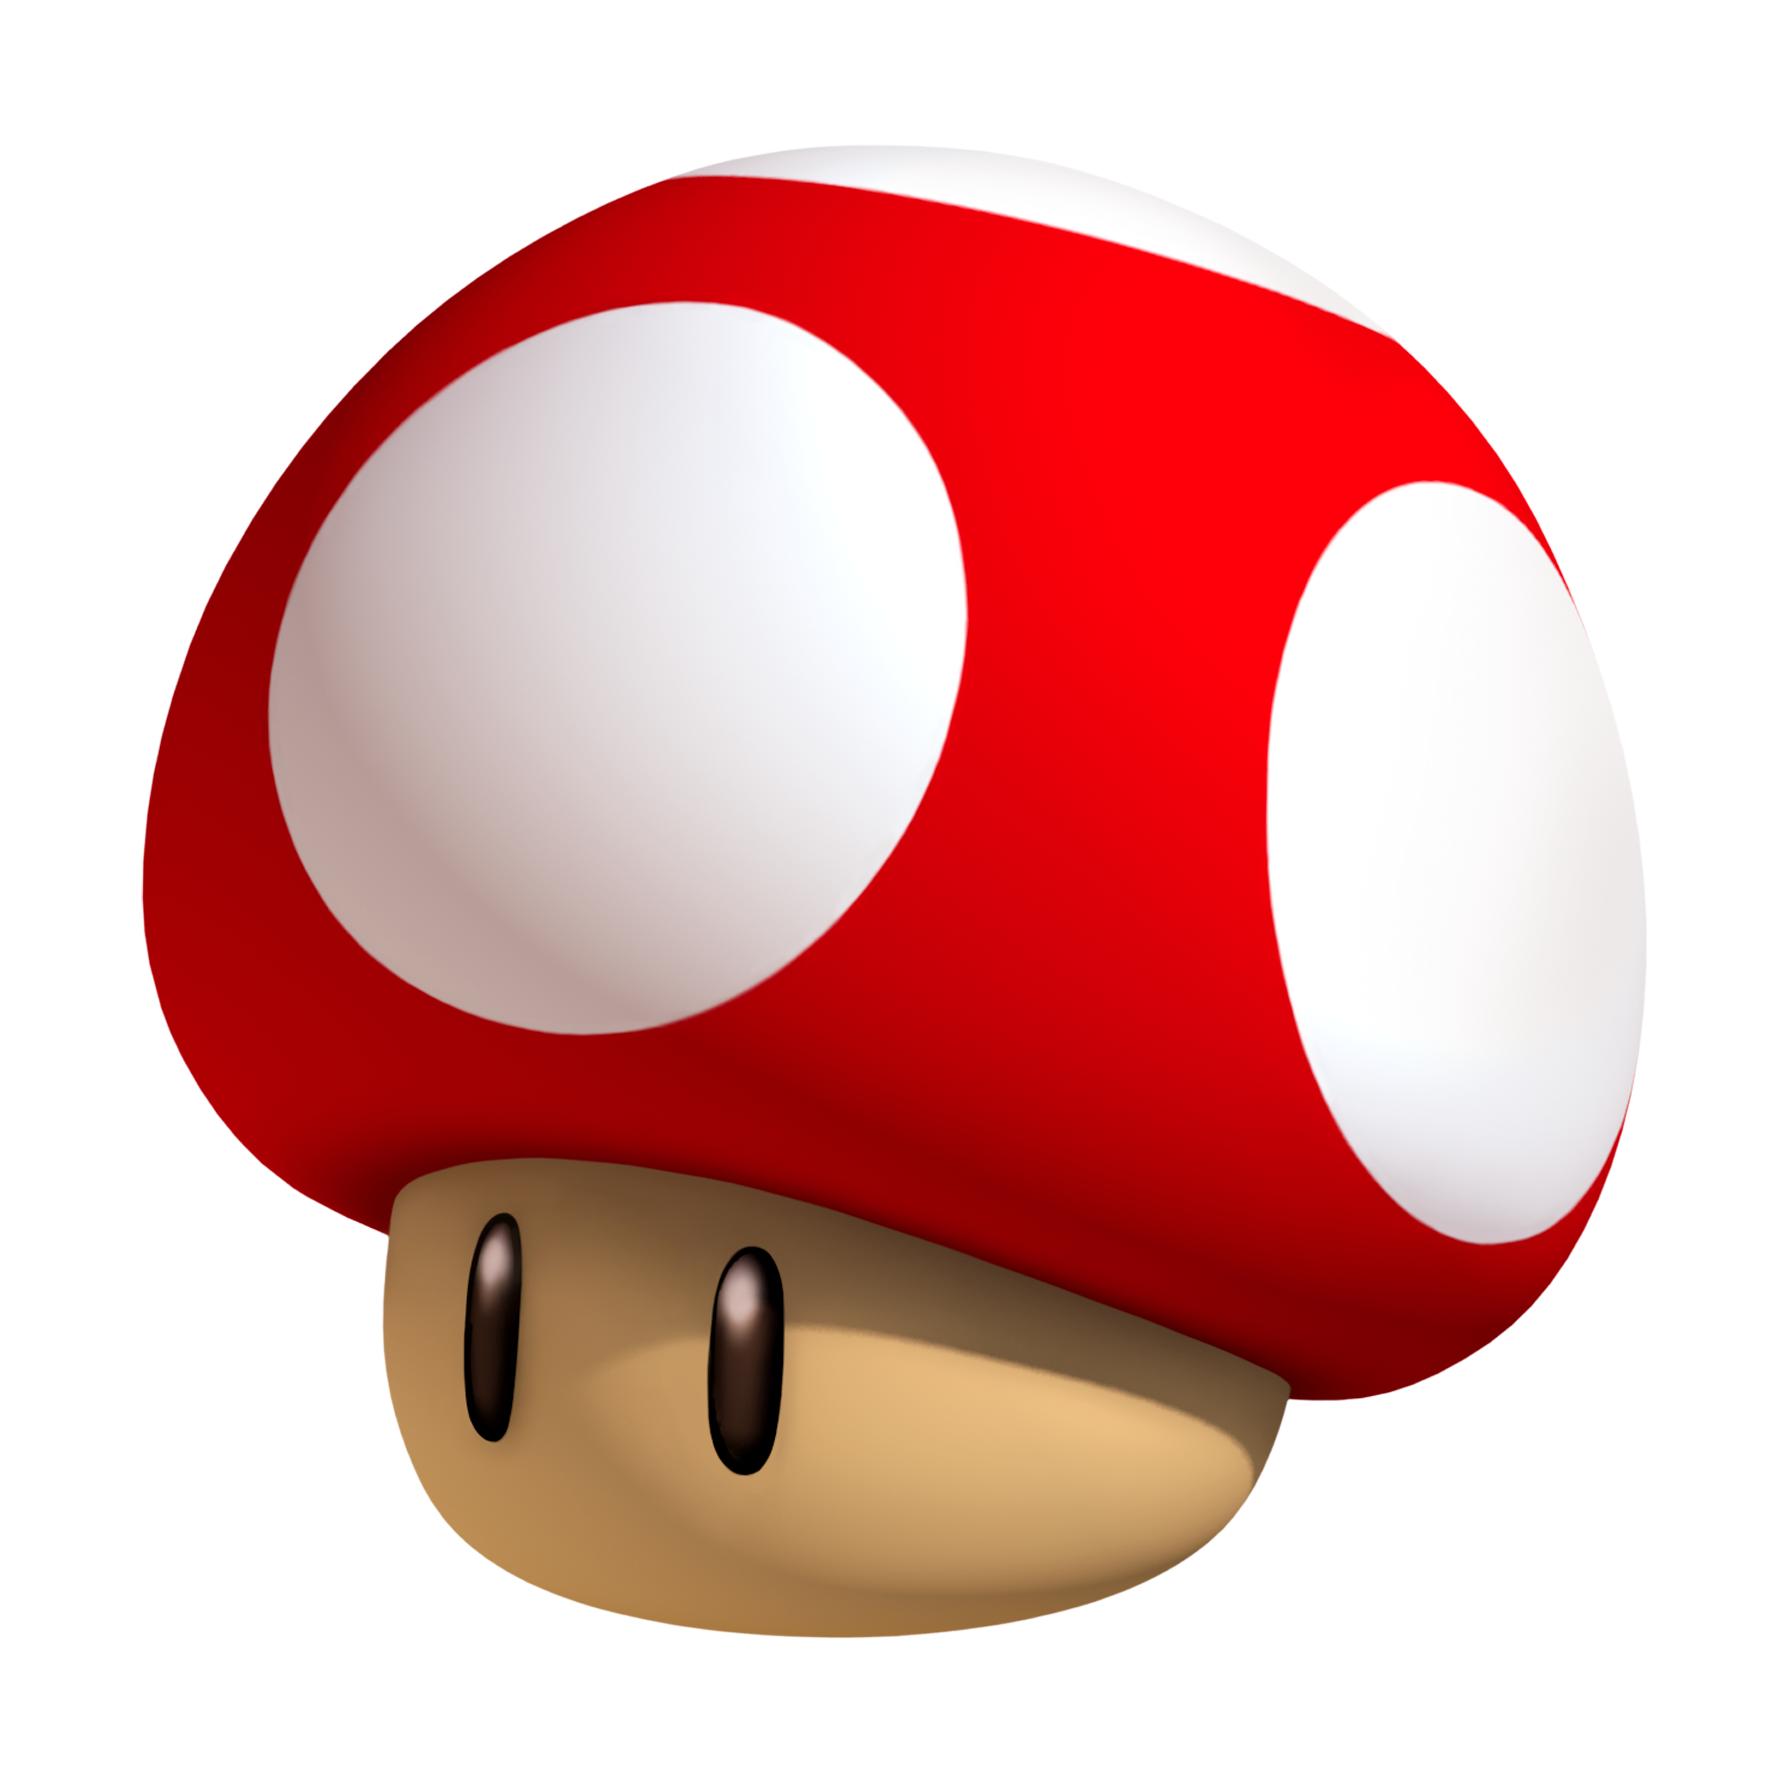 Mario clipart mario mushroom Strik Pinterest mario søgning mushroom